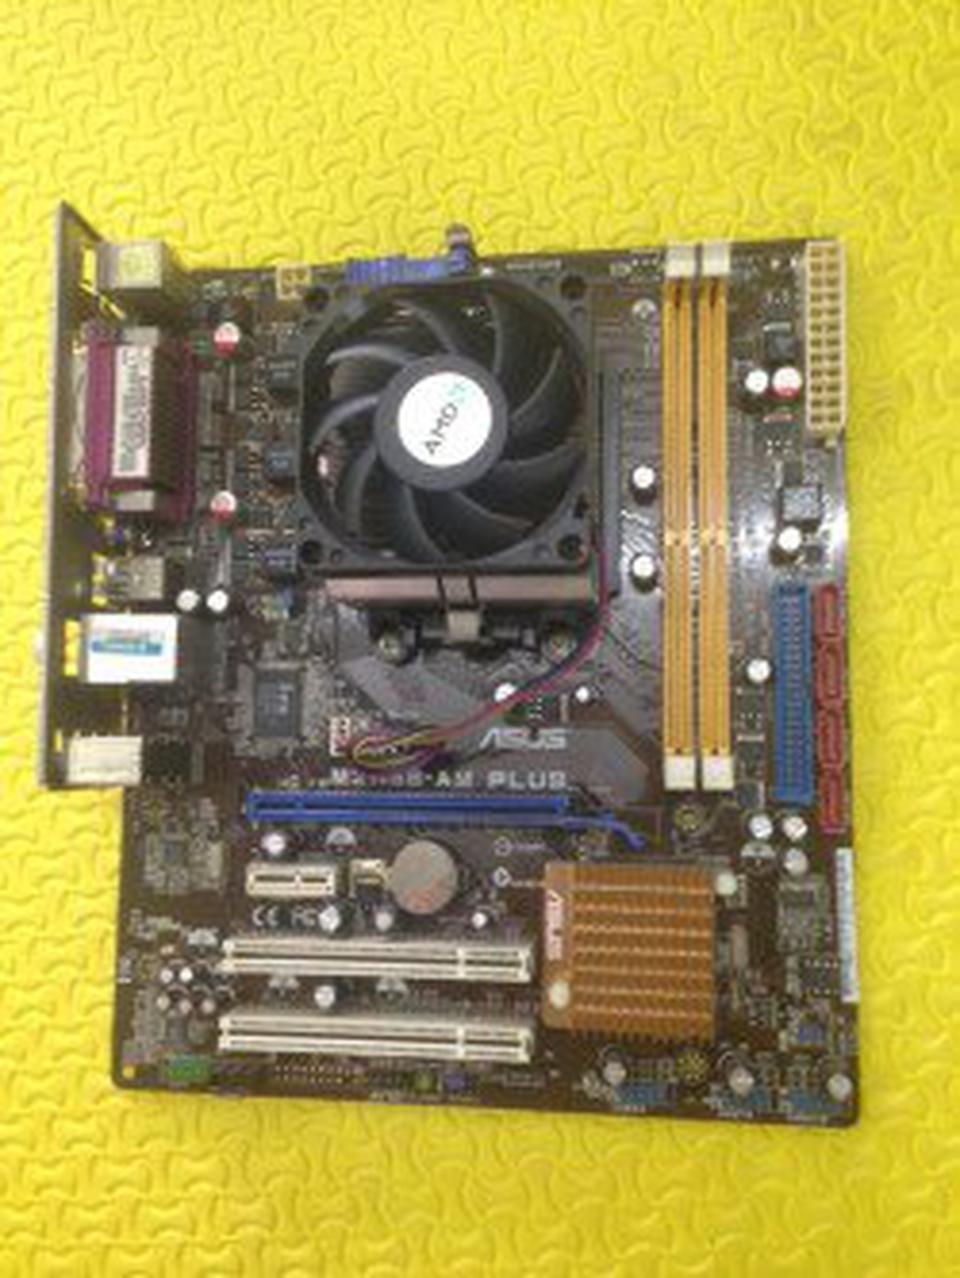 ขายเมนบอร์ด พร้อม CPU รูปที่ 1